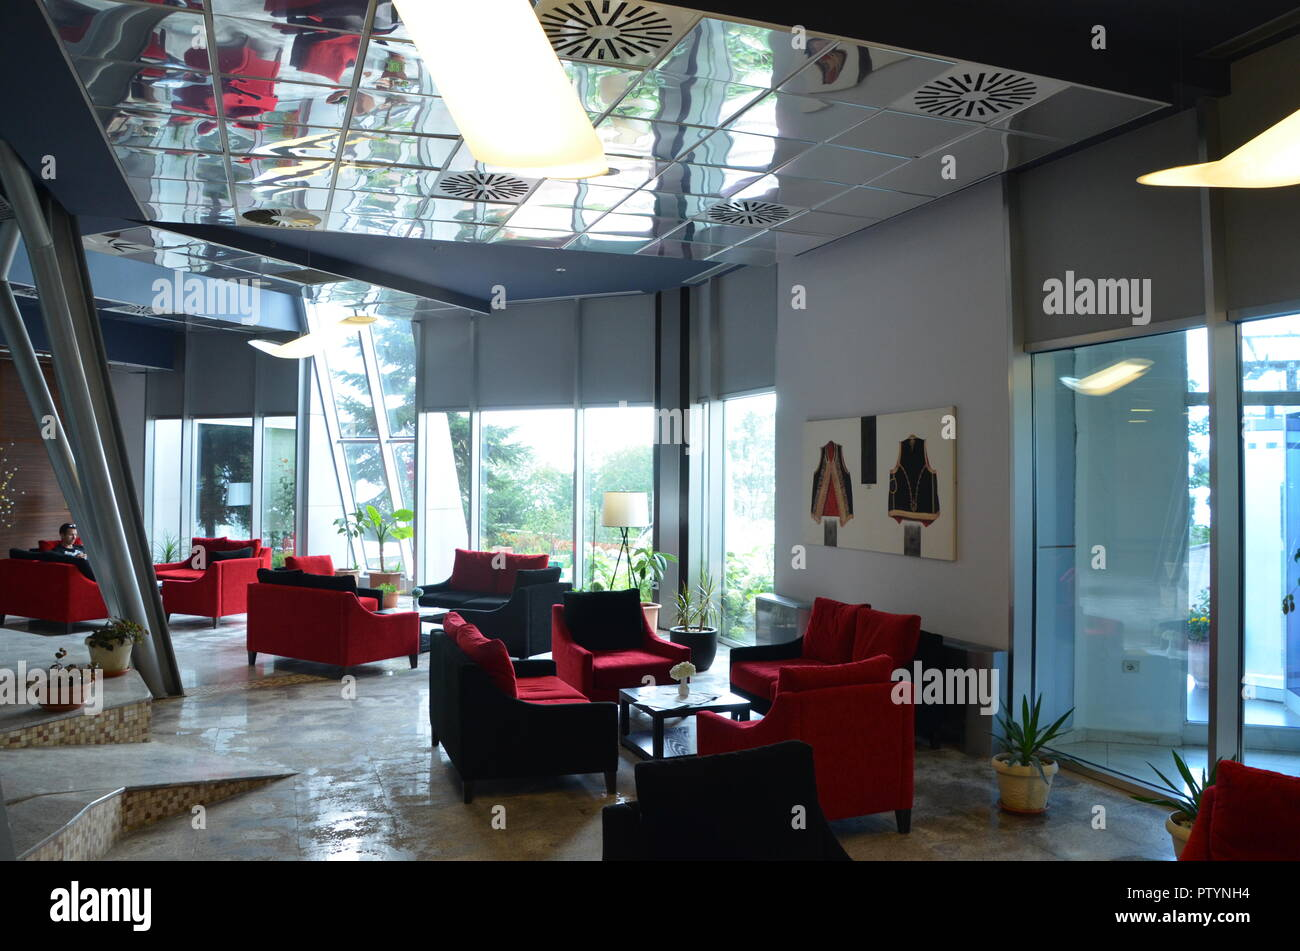 dajti tower hotel tirana albania Stock Photo